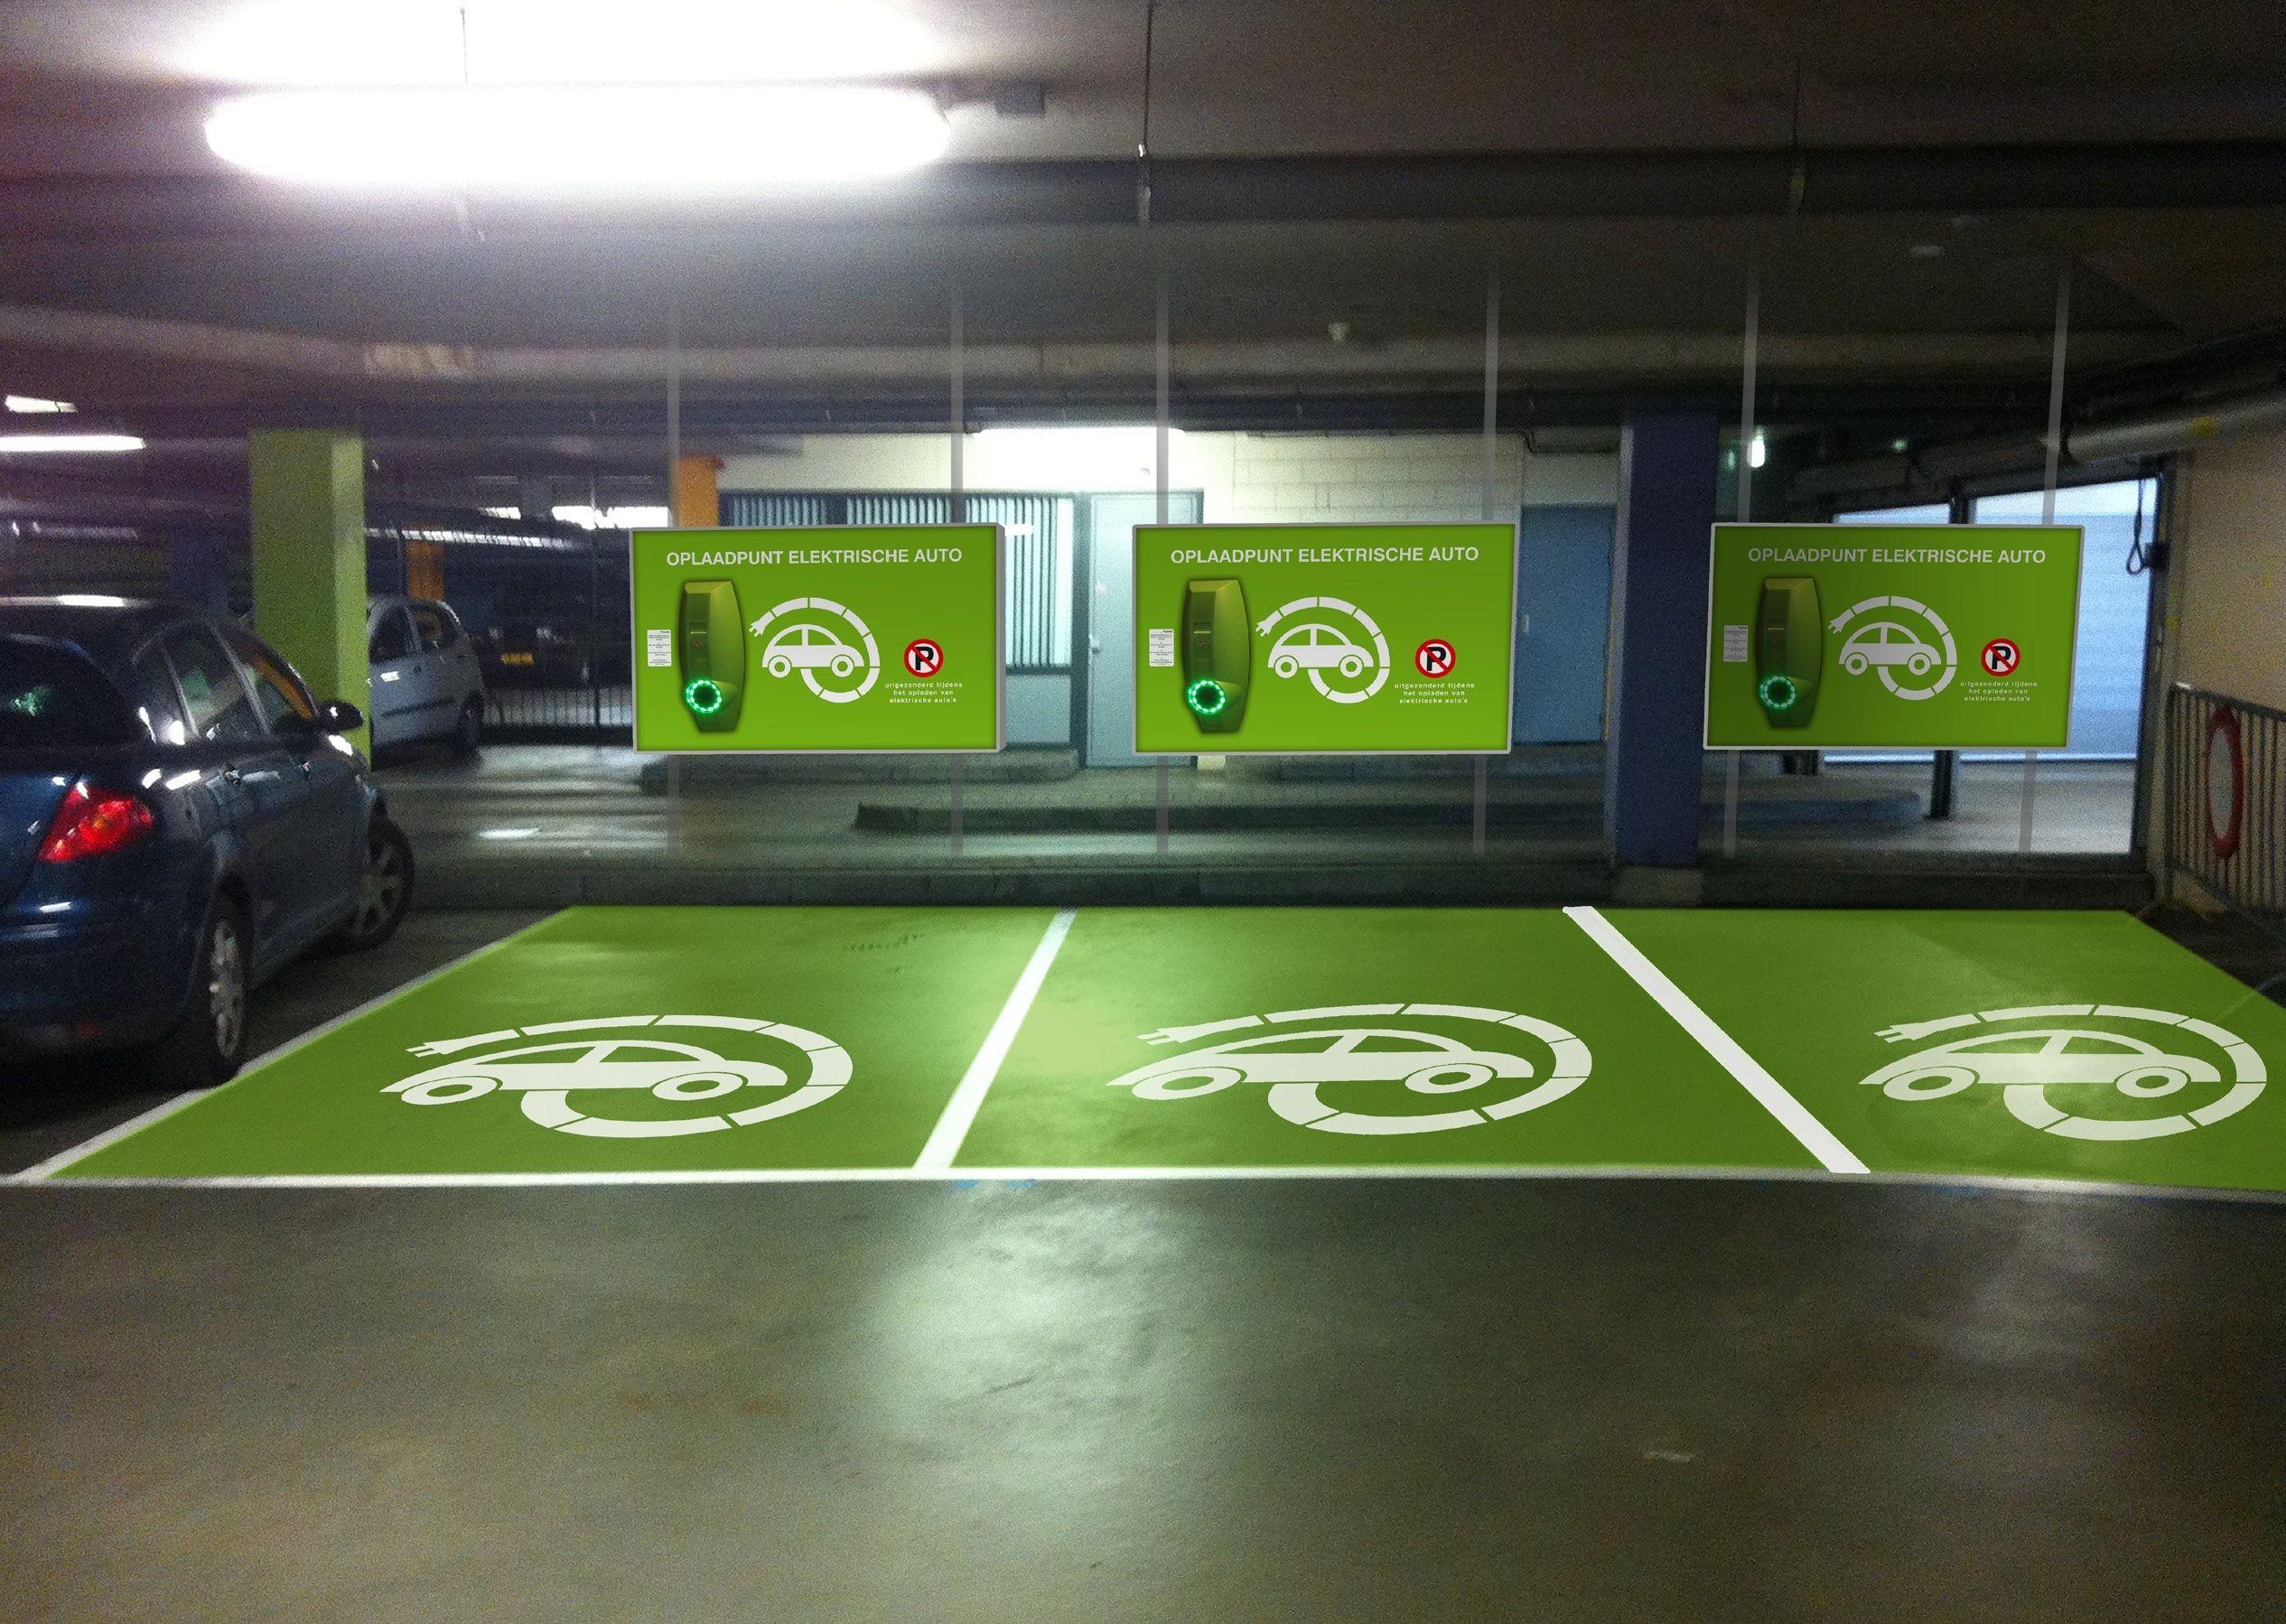 Parking Garage Elektrical Cars Parking Design Park Signage Car Parking